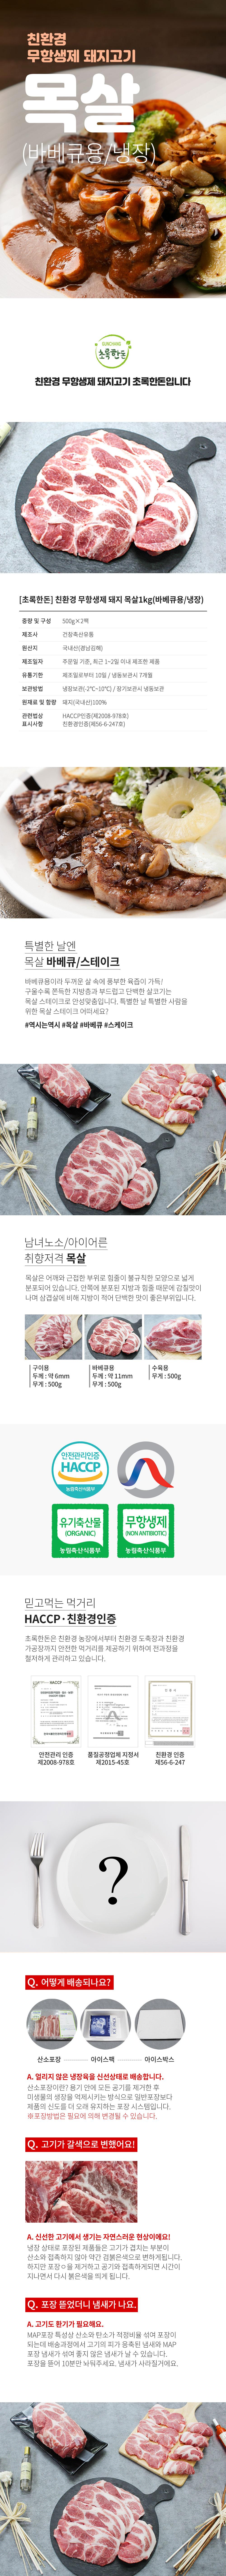 ChorockHD_Mok_barbecue_1kg.jpg